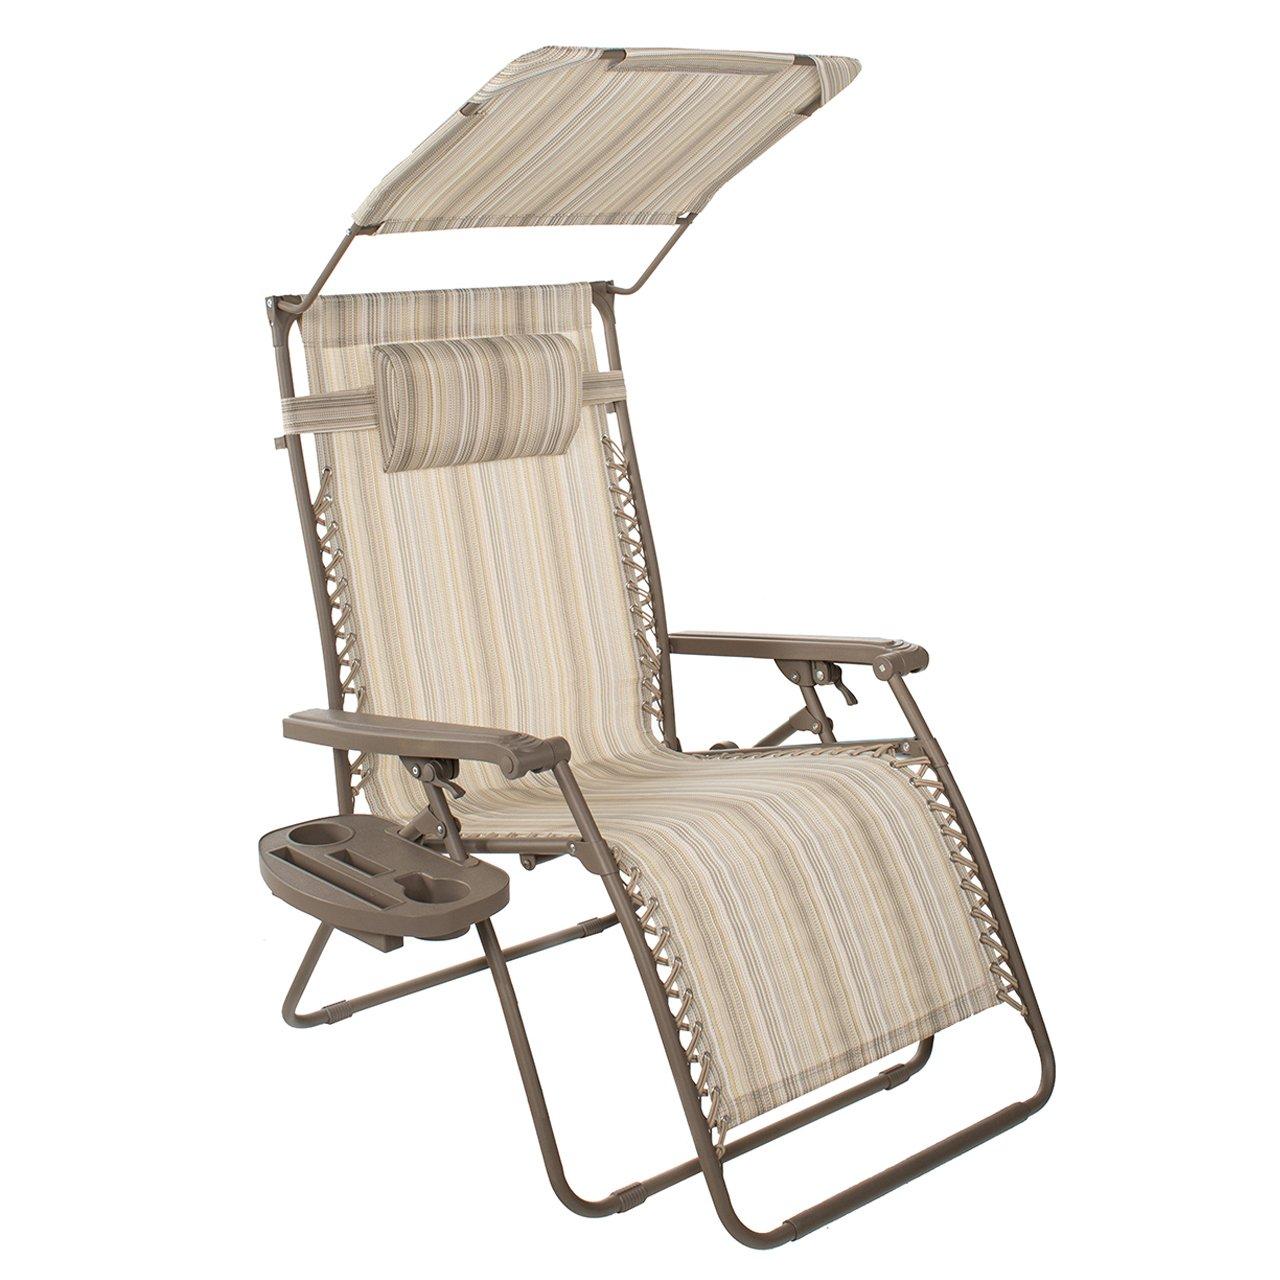 Positivo altitud XXL Gravity silla reclinable de libre con toldo y bandeja: Amazon.es: Jardín